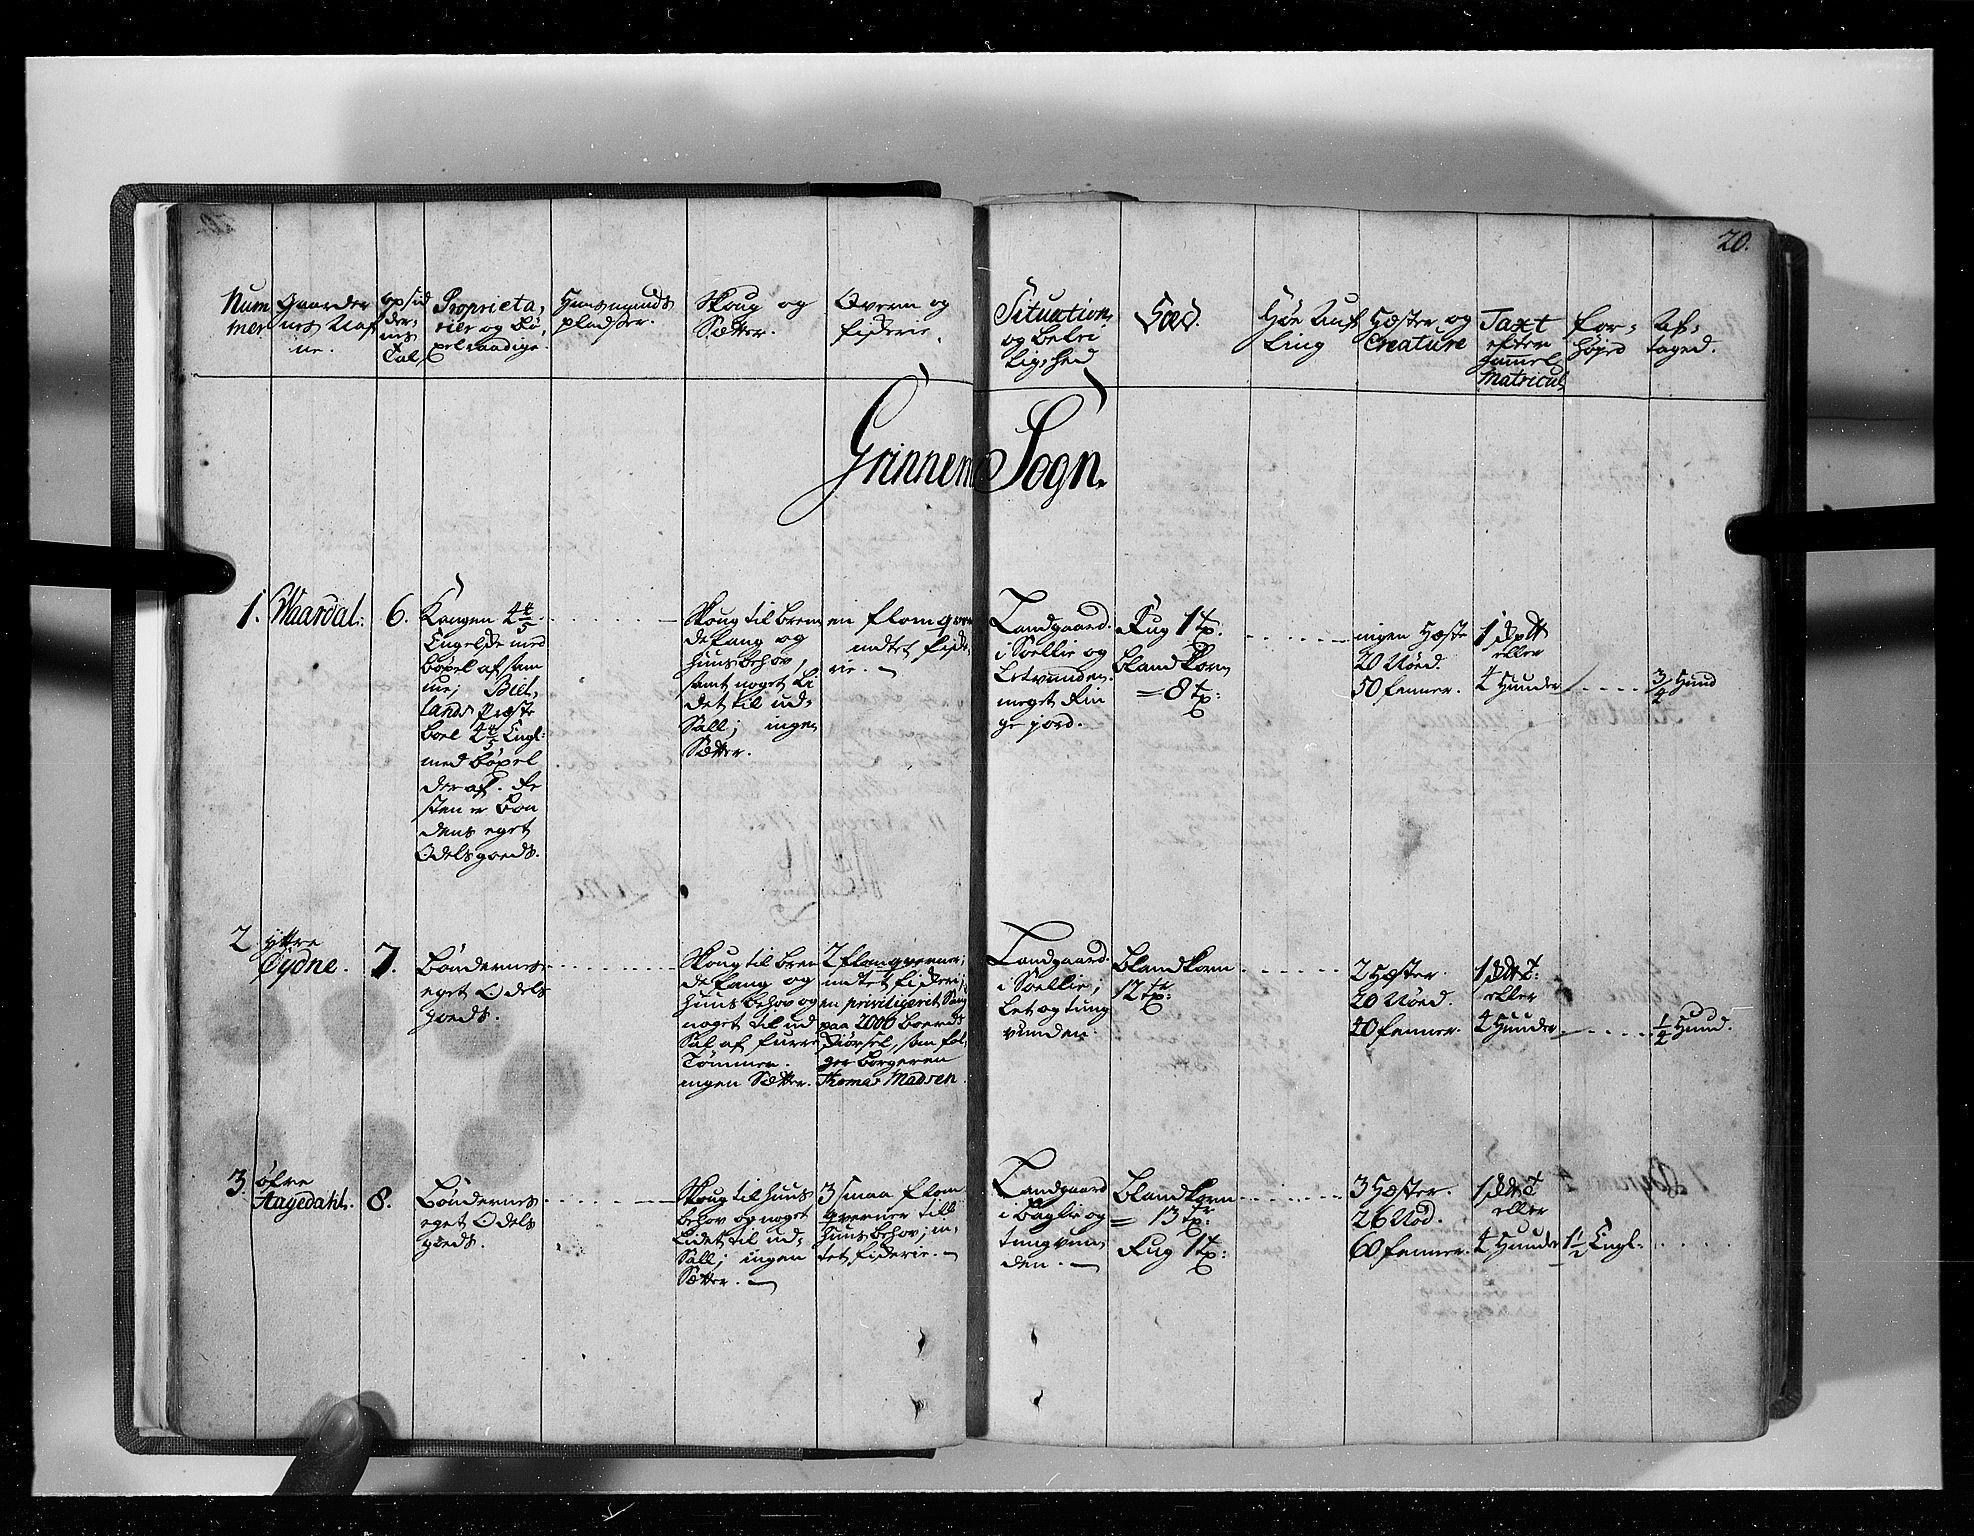 RA, Rentekammeret inntil 1814, Realistisk ordnet avdeling, N/Nb/Nbf/L0129: Lista eksaminasjonsprotokoll, 1723, s. 19b-20a